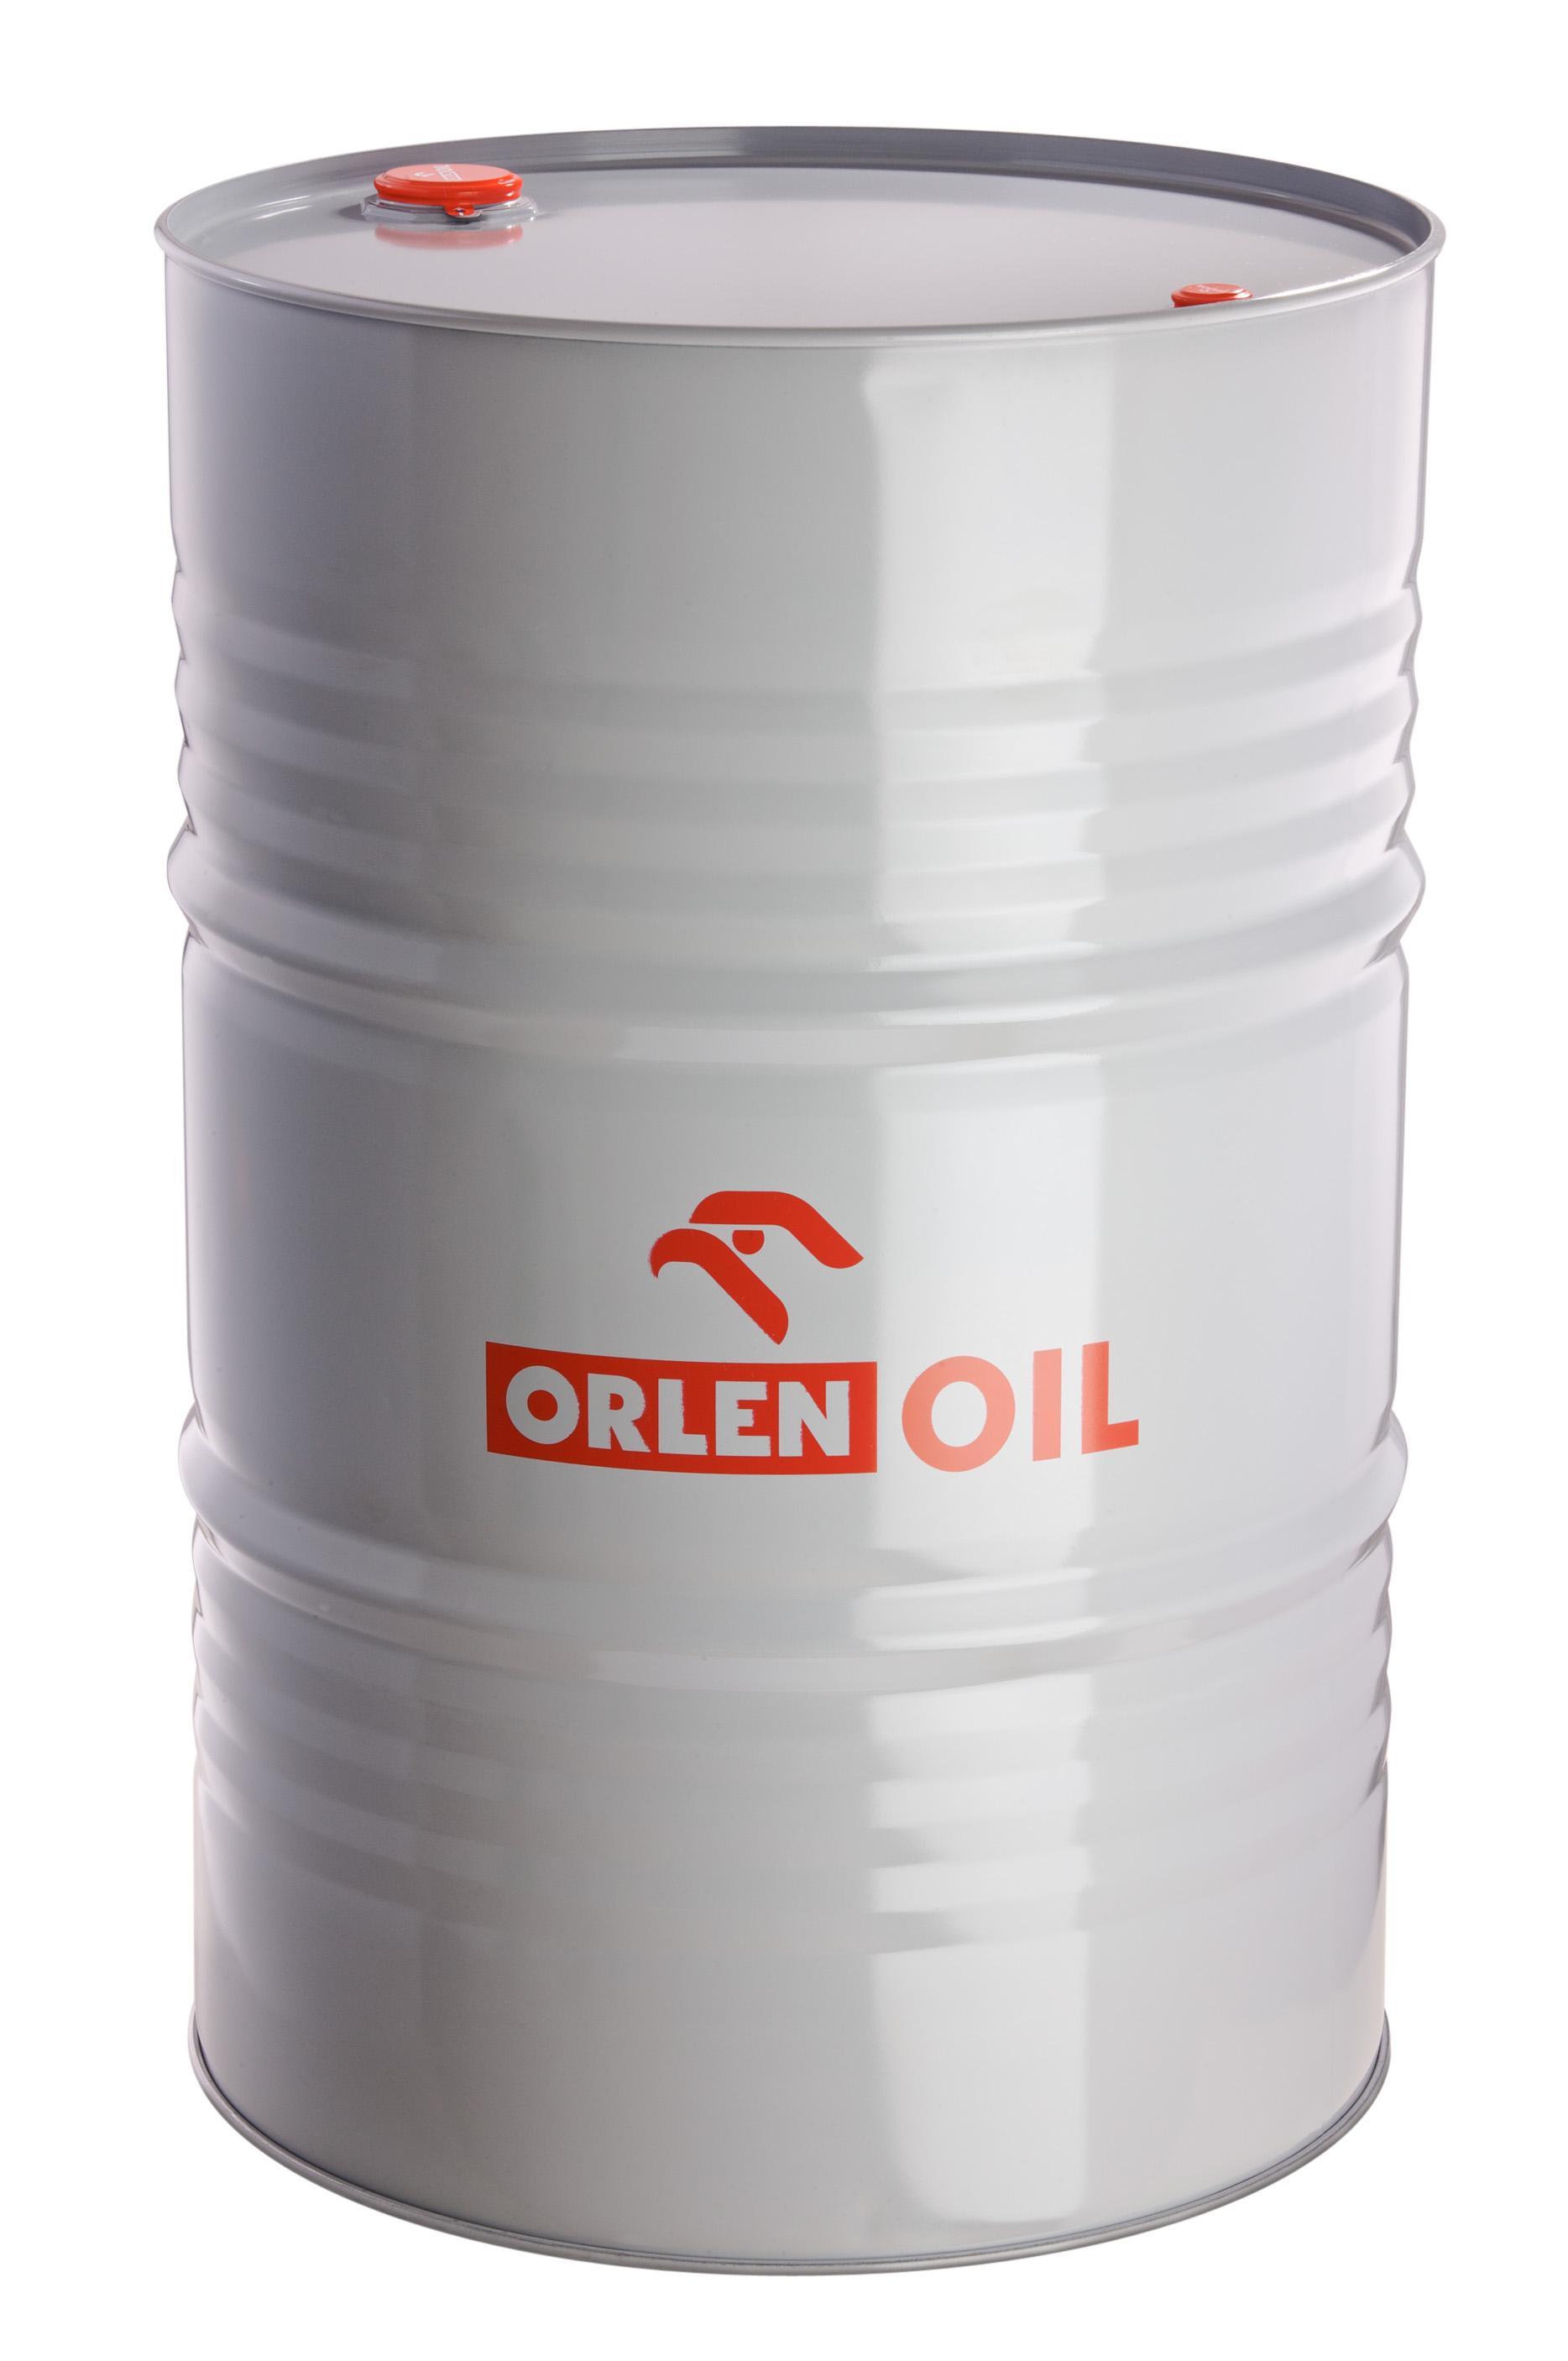 ORLEN OIL LITEN EP-2    DRUMS 180KG